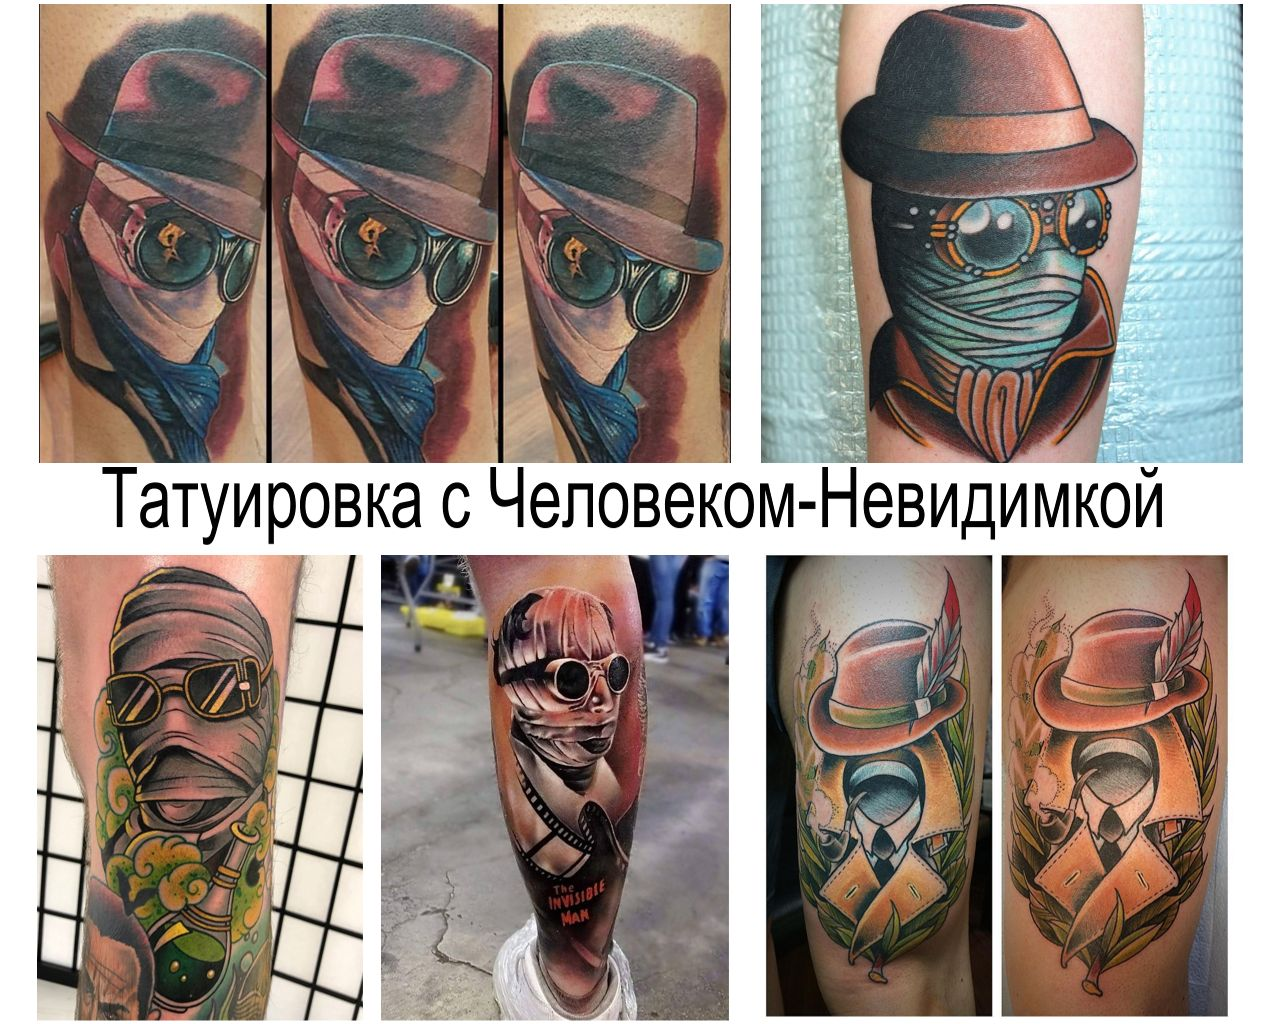 Татуировка с Человеком-Невидимкой